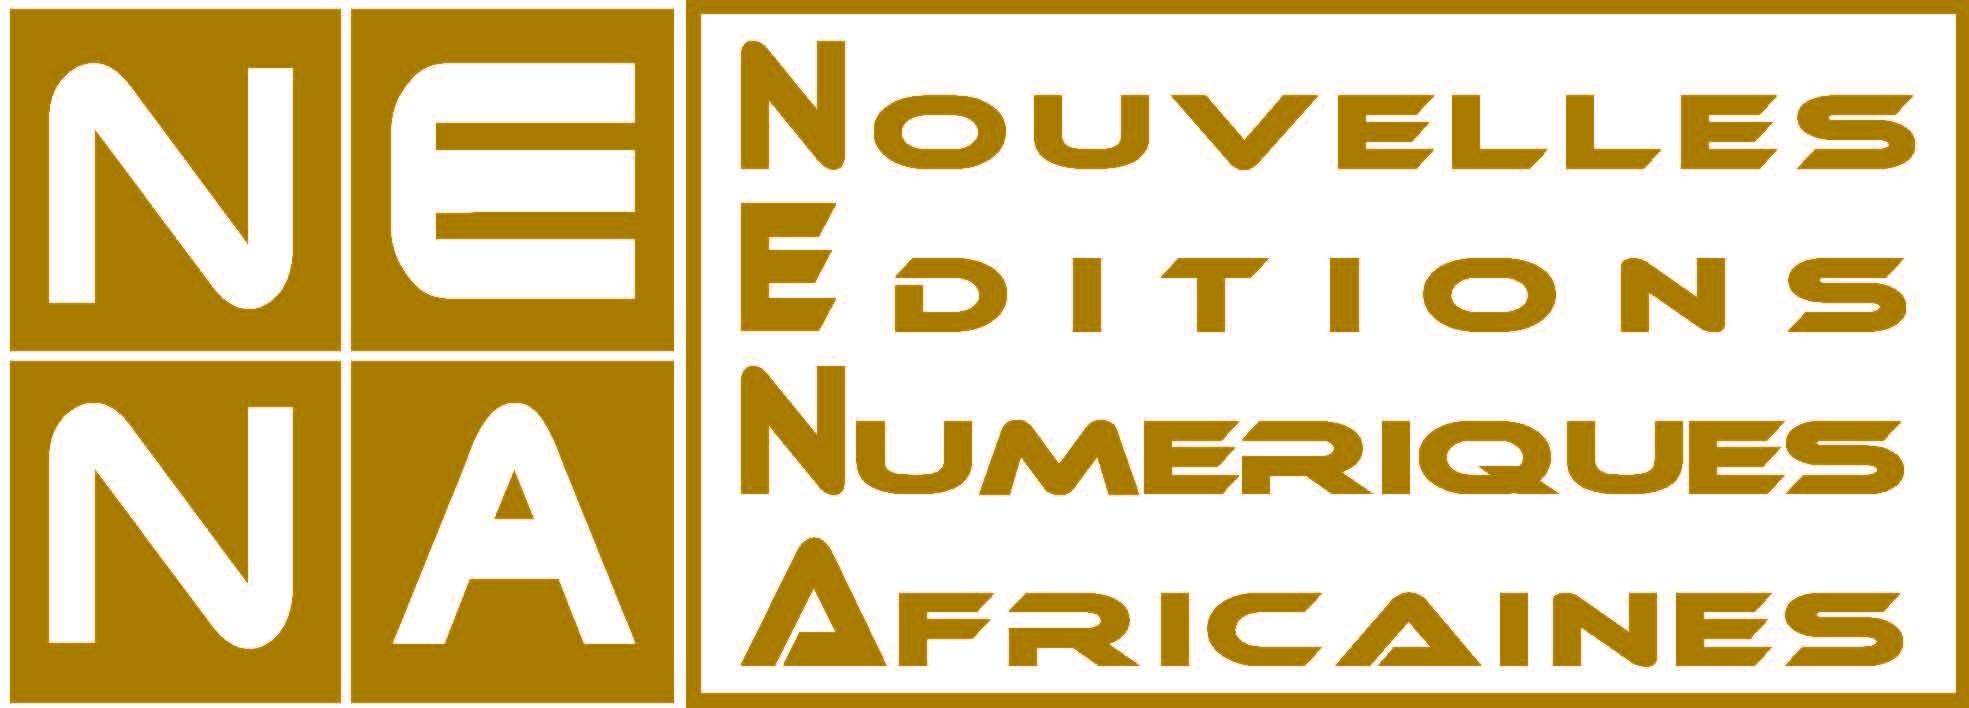 NENA (NOUVELLES EDITIONS NUMERIQUES AFRICAINES)